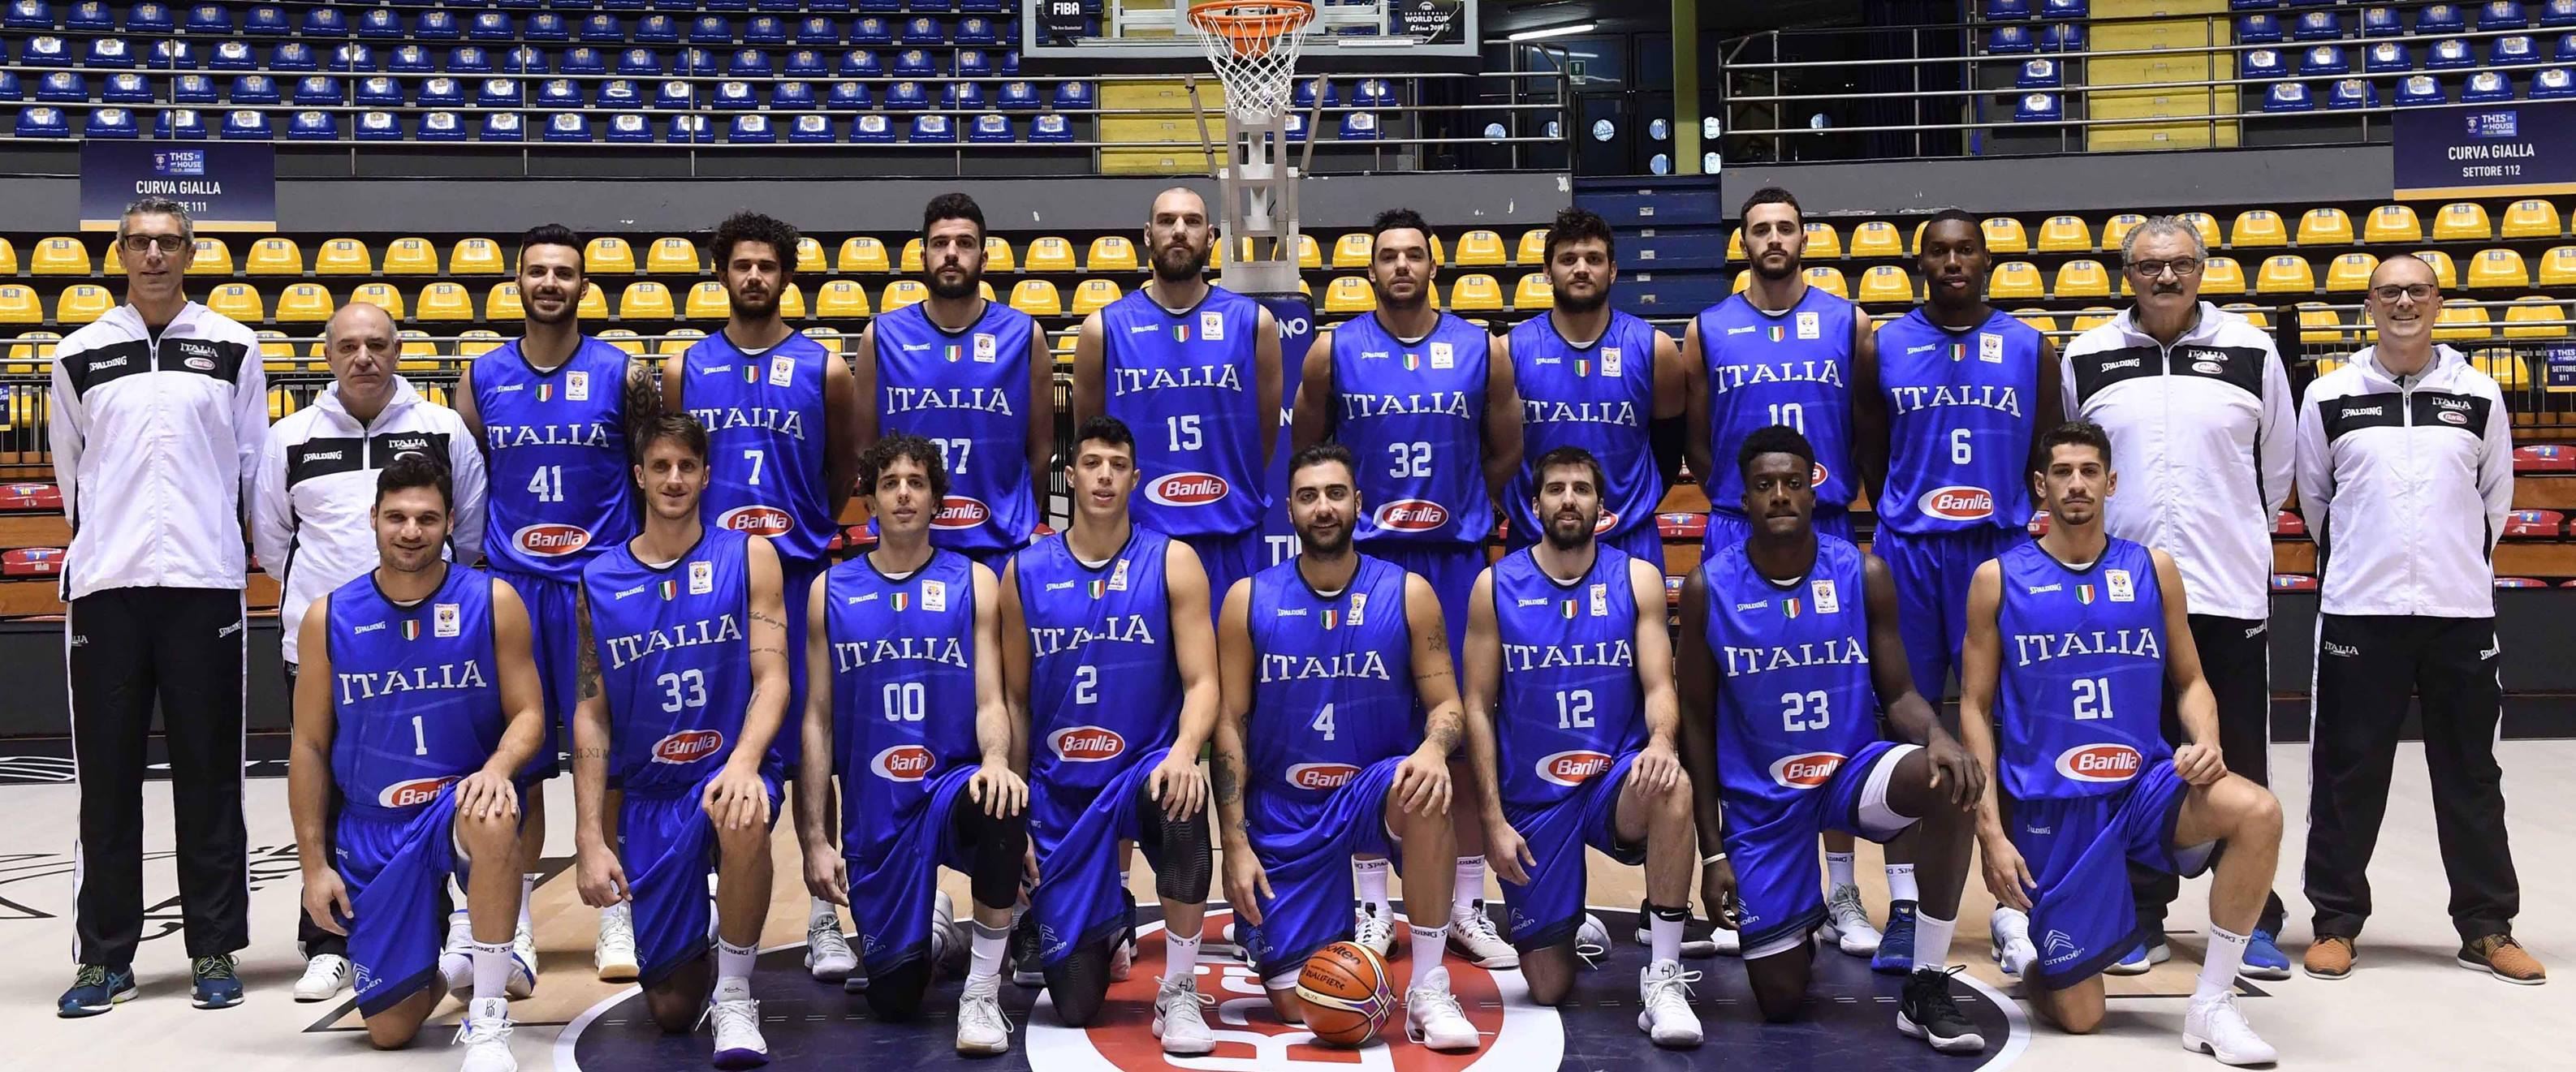 La Nazionale Italiana è pronta per le qualificazioni